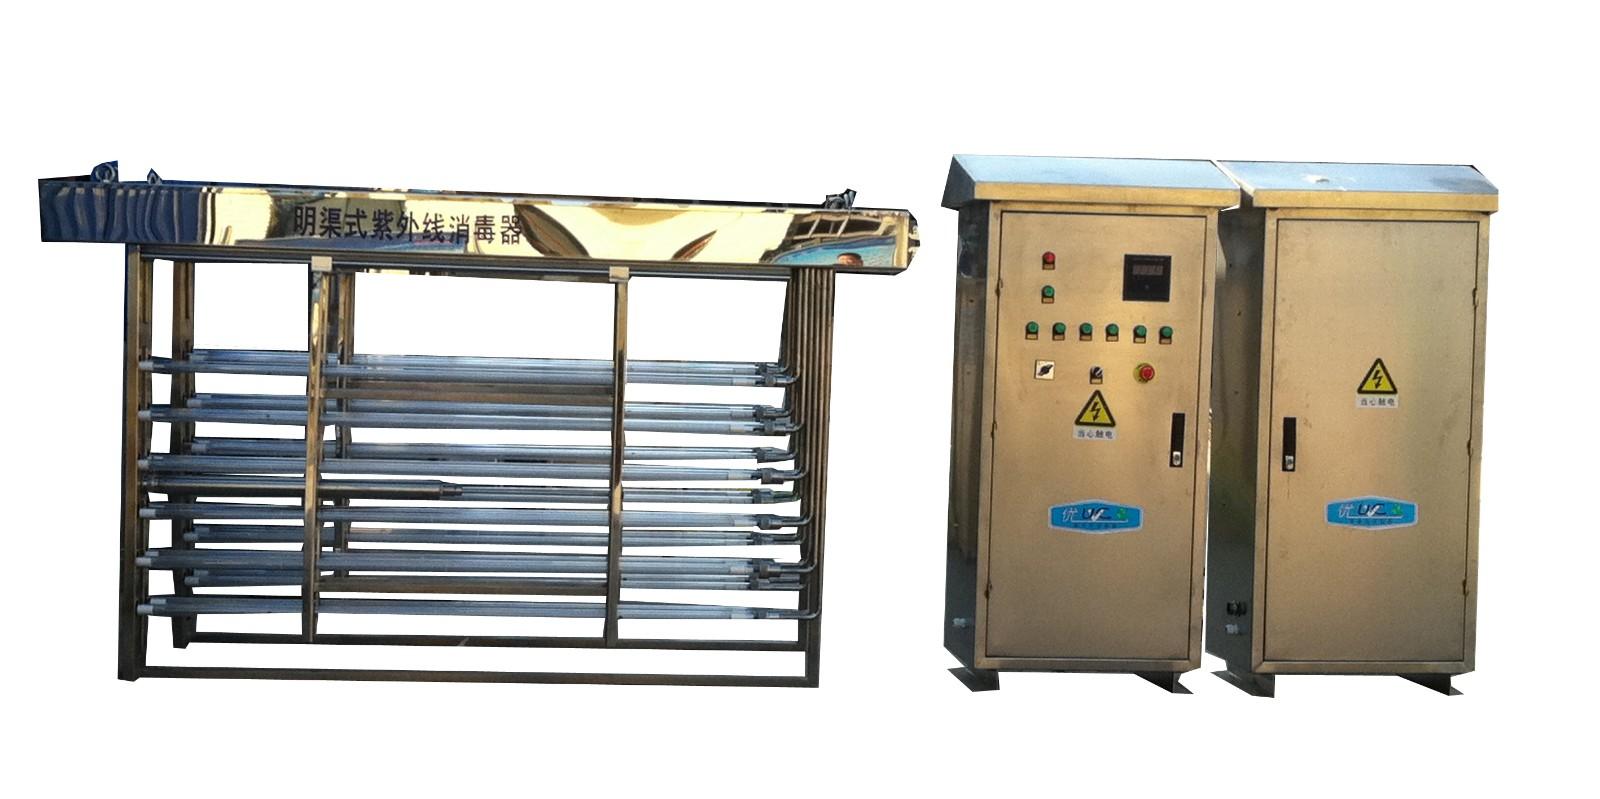 多介质石英砂活性炭过滤器反冲洗工艺的差异